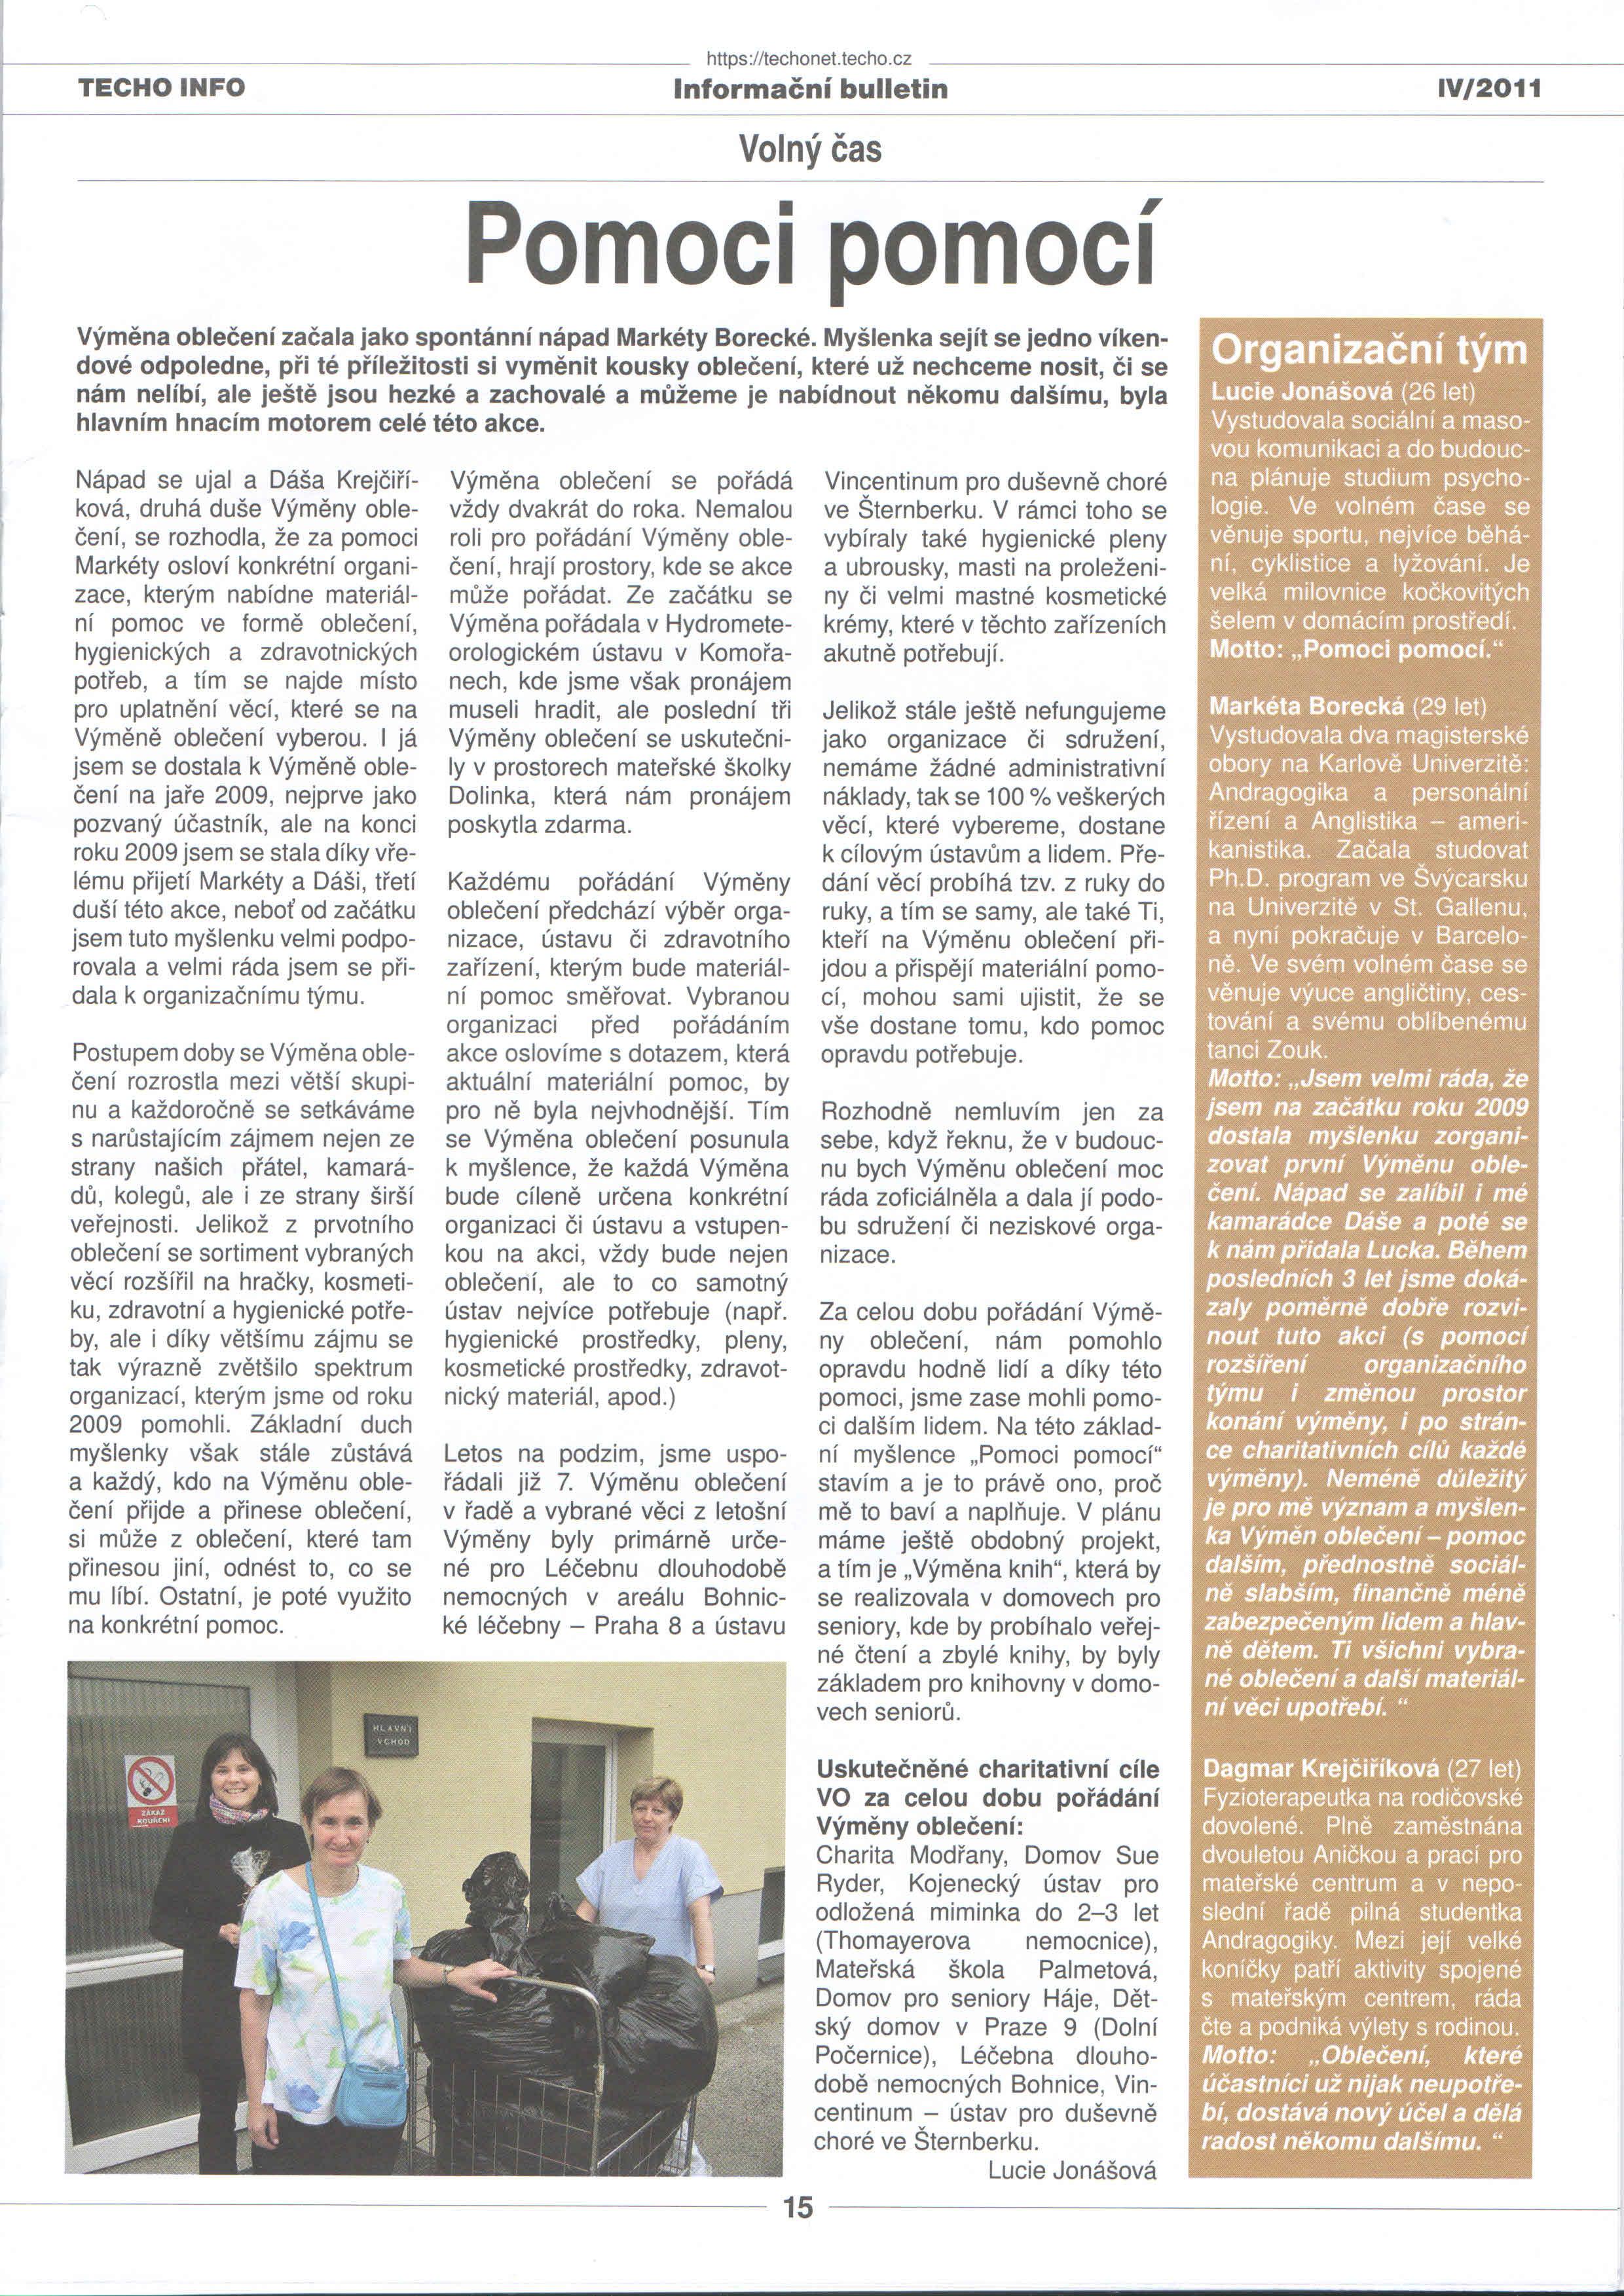 Článek z Informačního bulletinu